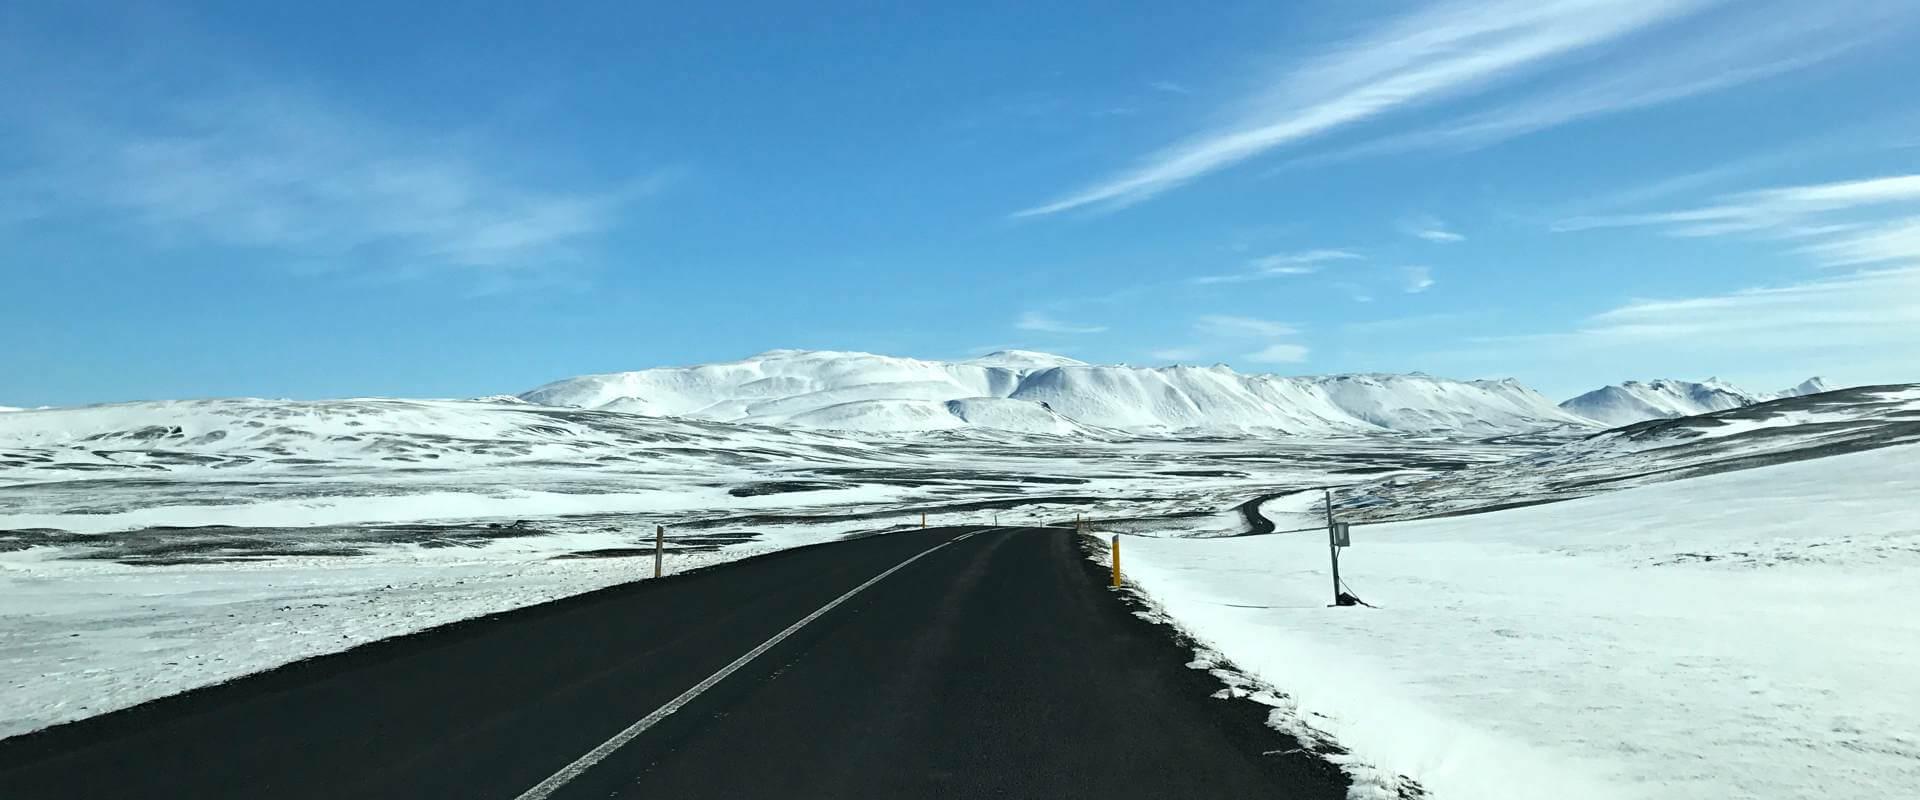 Wasserfälle, Vulkanismus, Gletscher – unser Island-Rückblick und Überblick